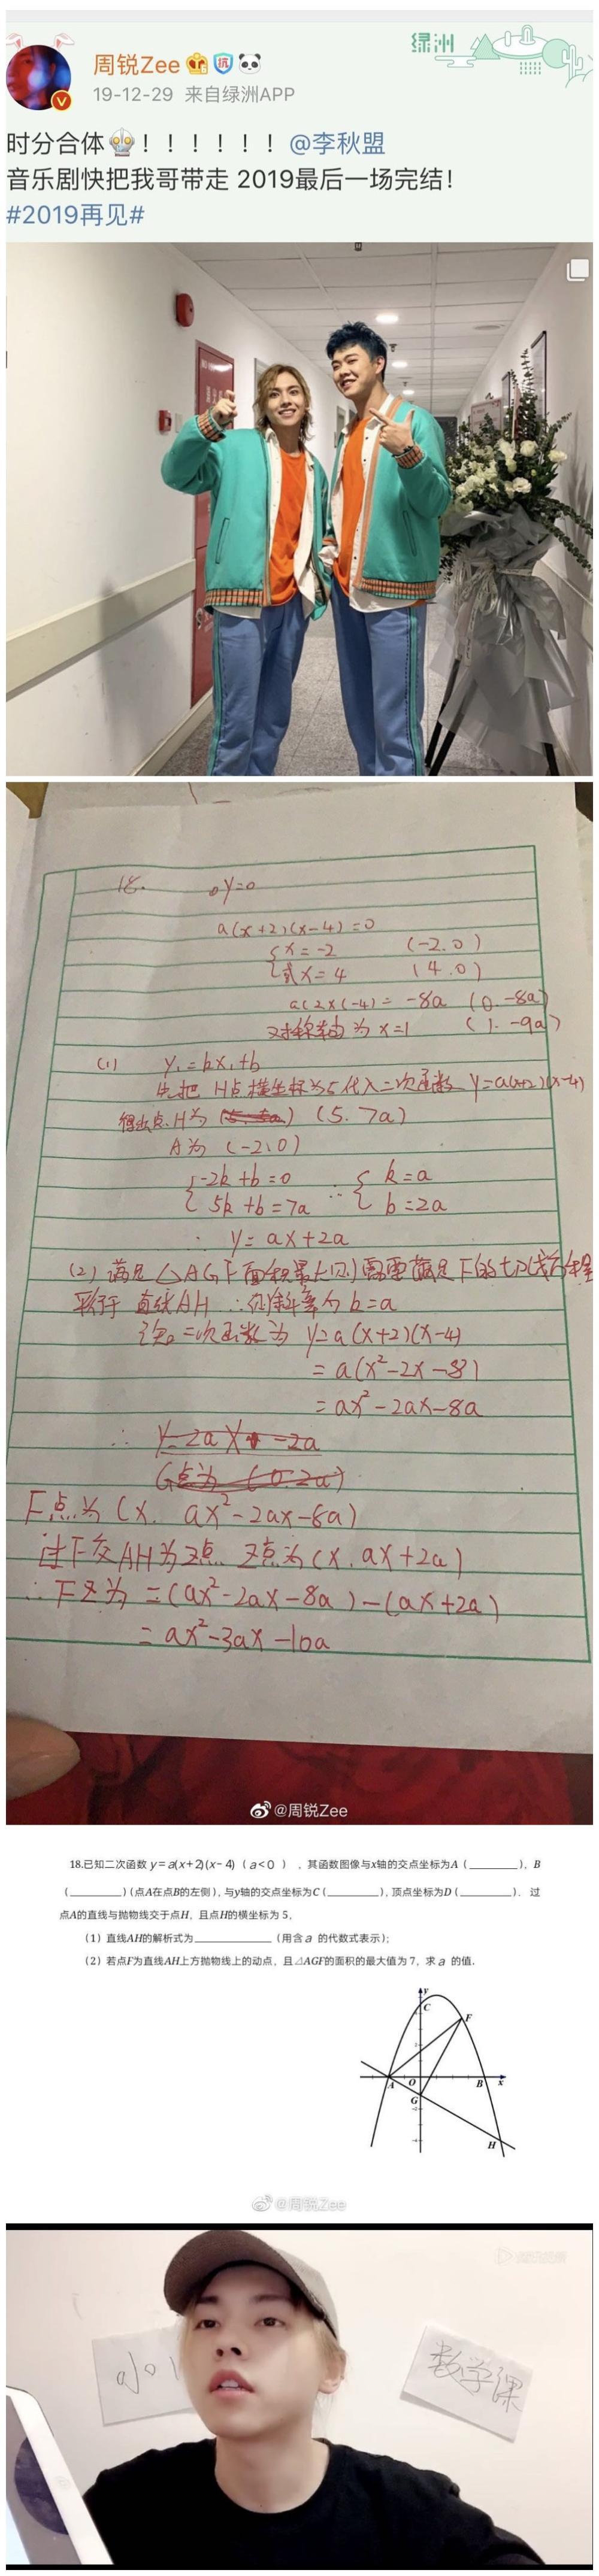 """直播里解答中考数学题的,为什么是演音乐剧的""""偶像练习生""""?"""